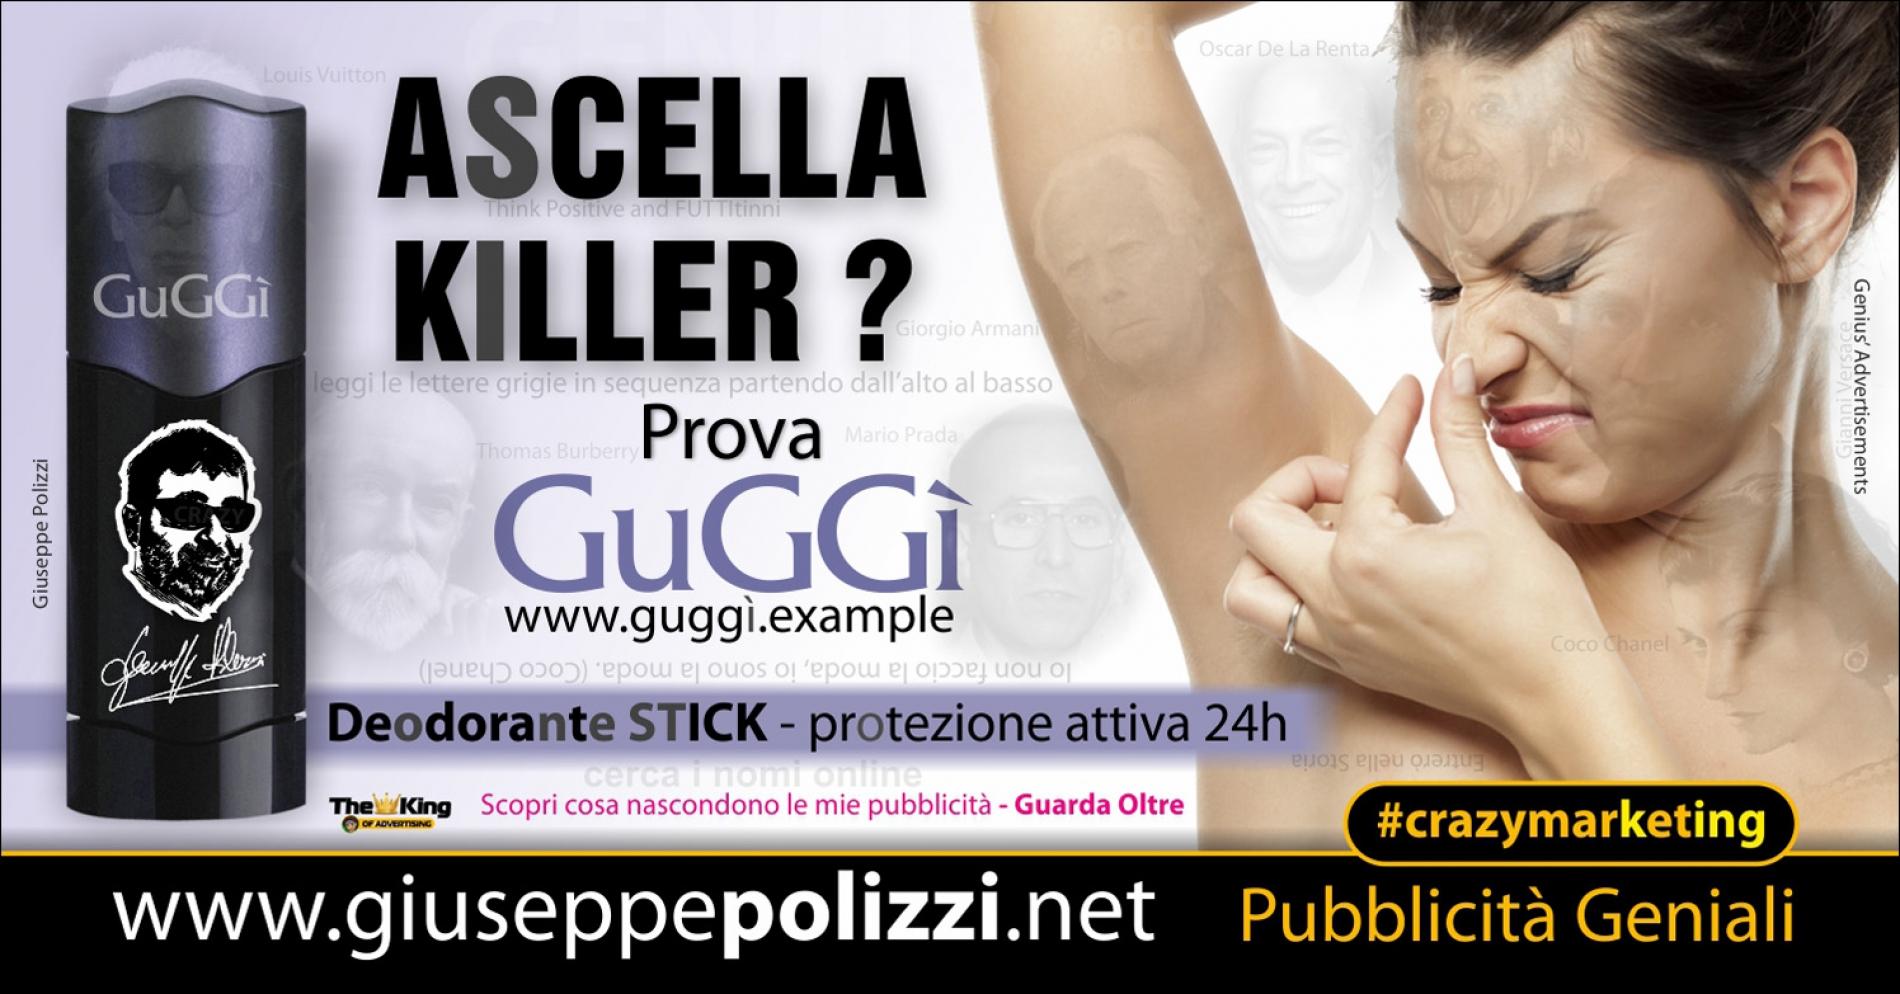 giuseppe Polizzi Ascella KILLER crazymarketing pubblicita geniali